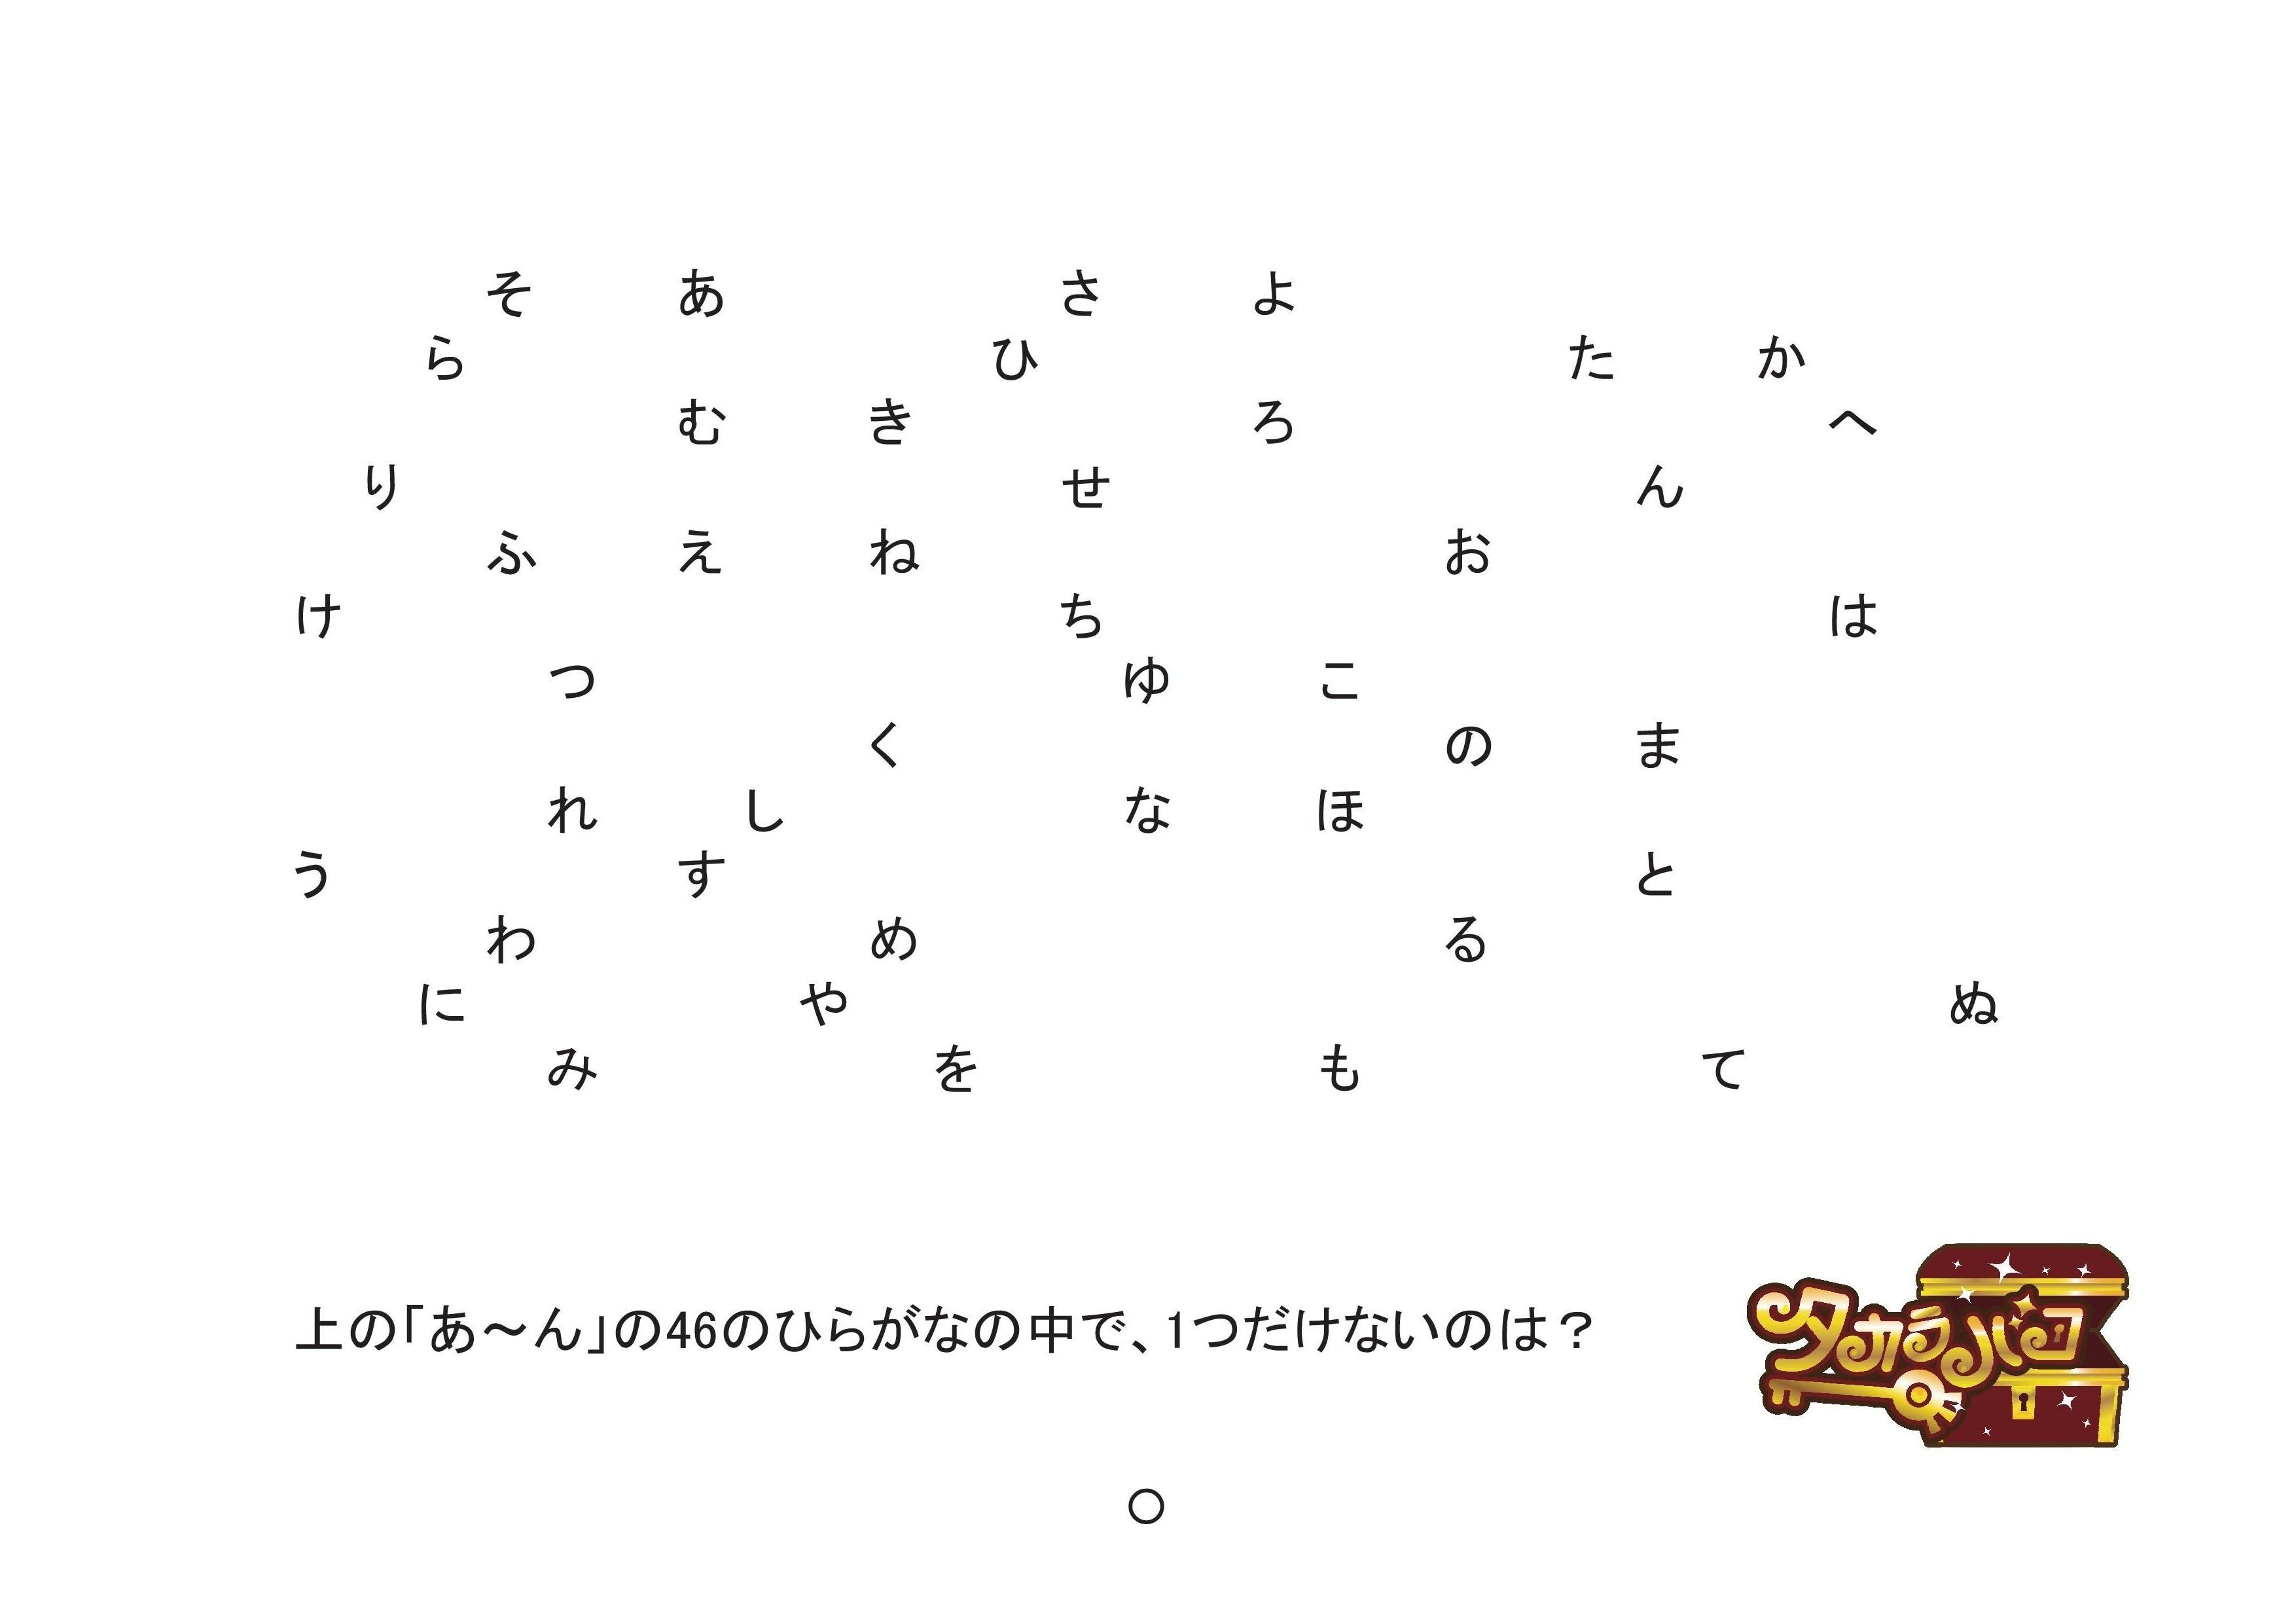 おみや003-005